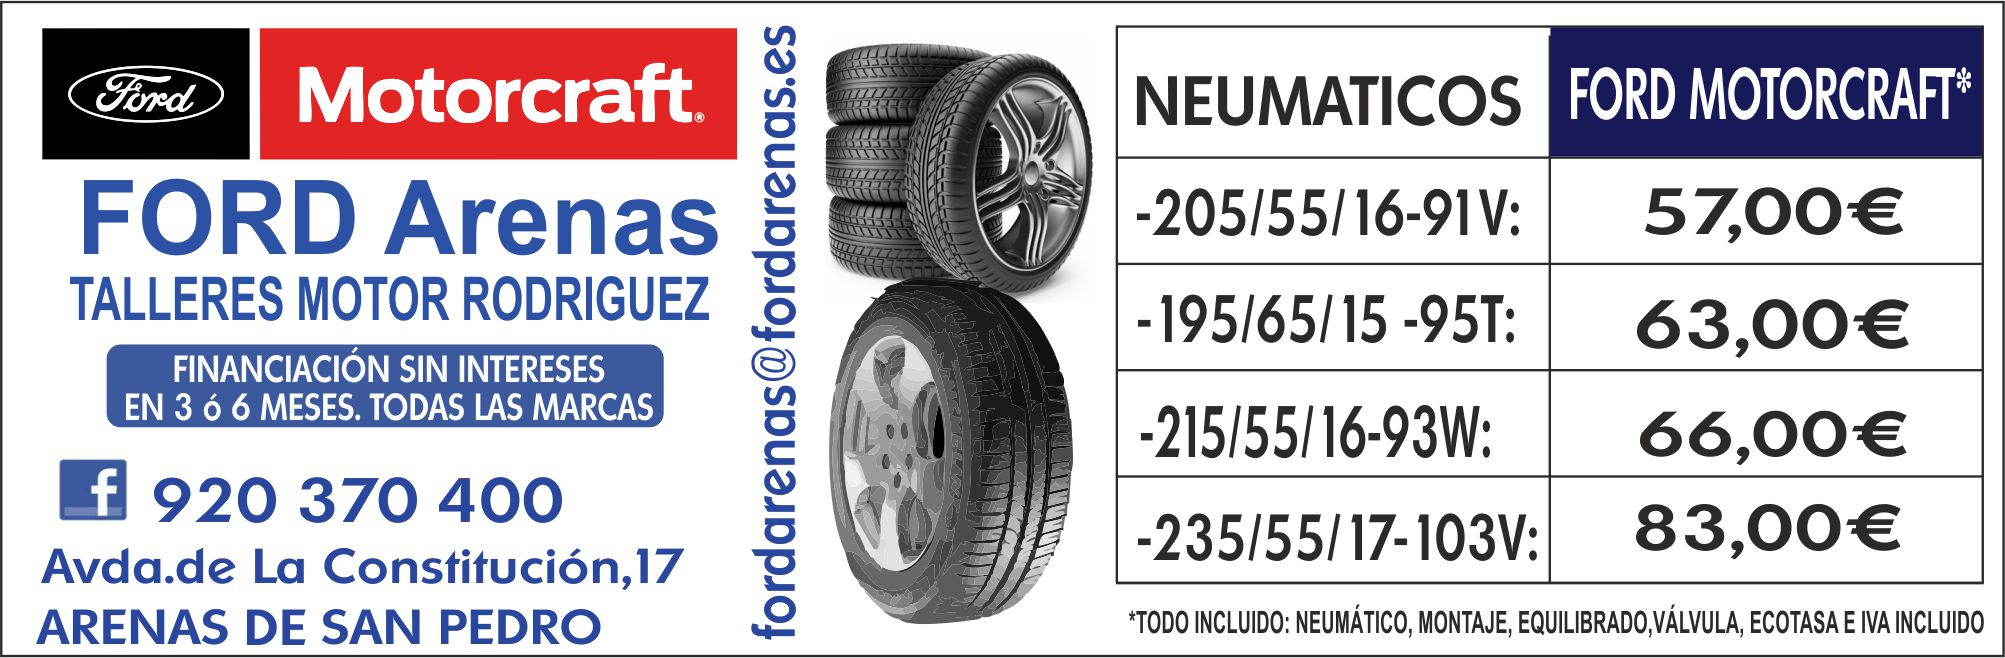 Ford Arenas - Oferta Ruedas - Agosto 2018 - TiétarTeVe